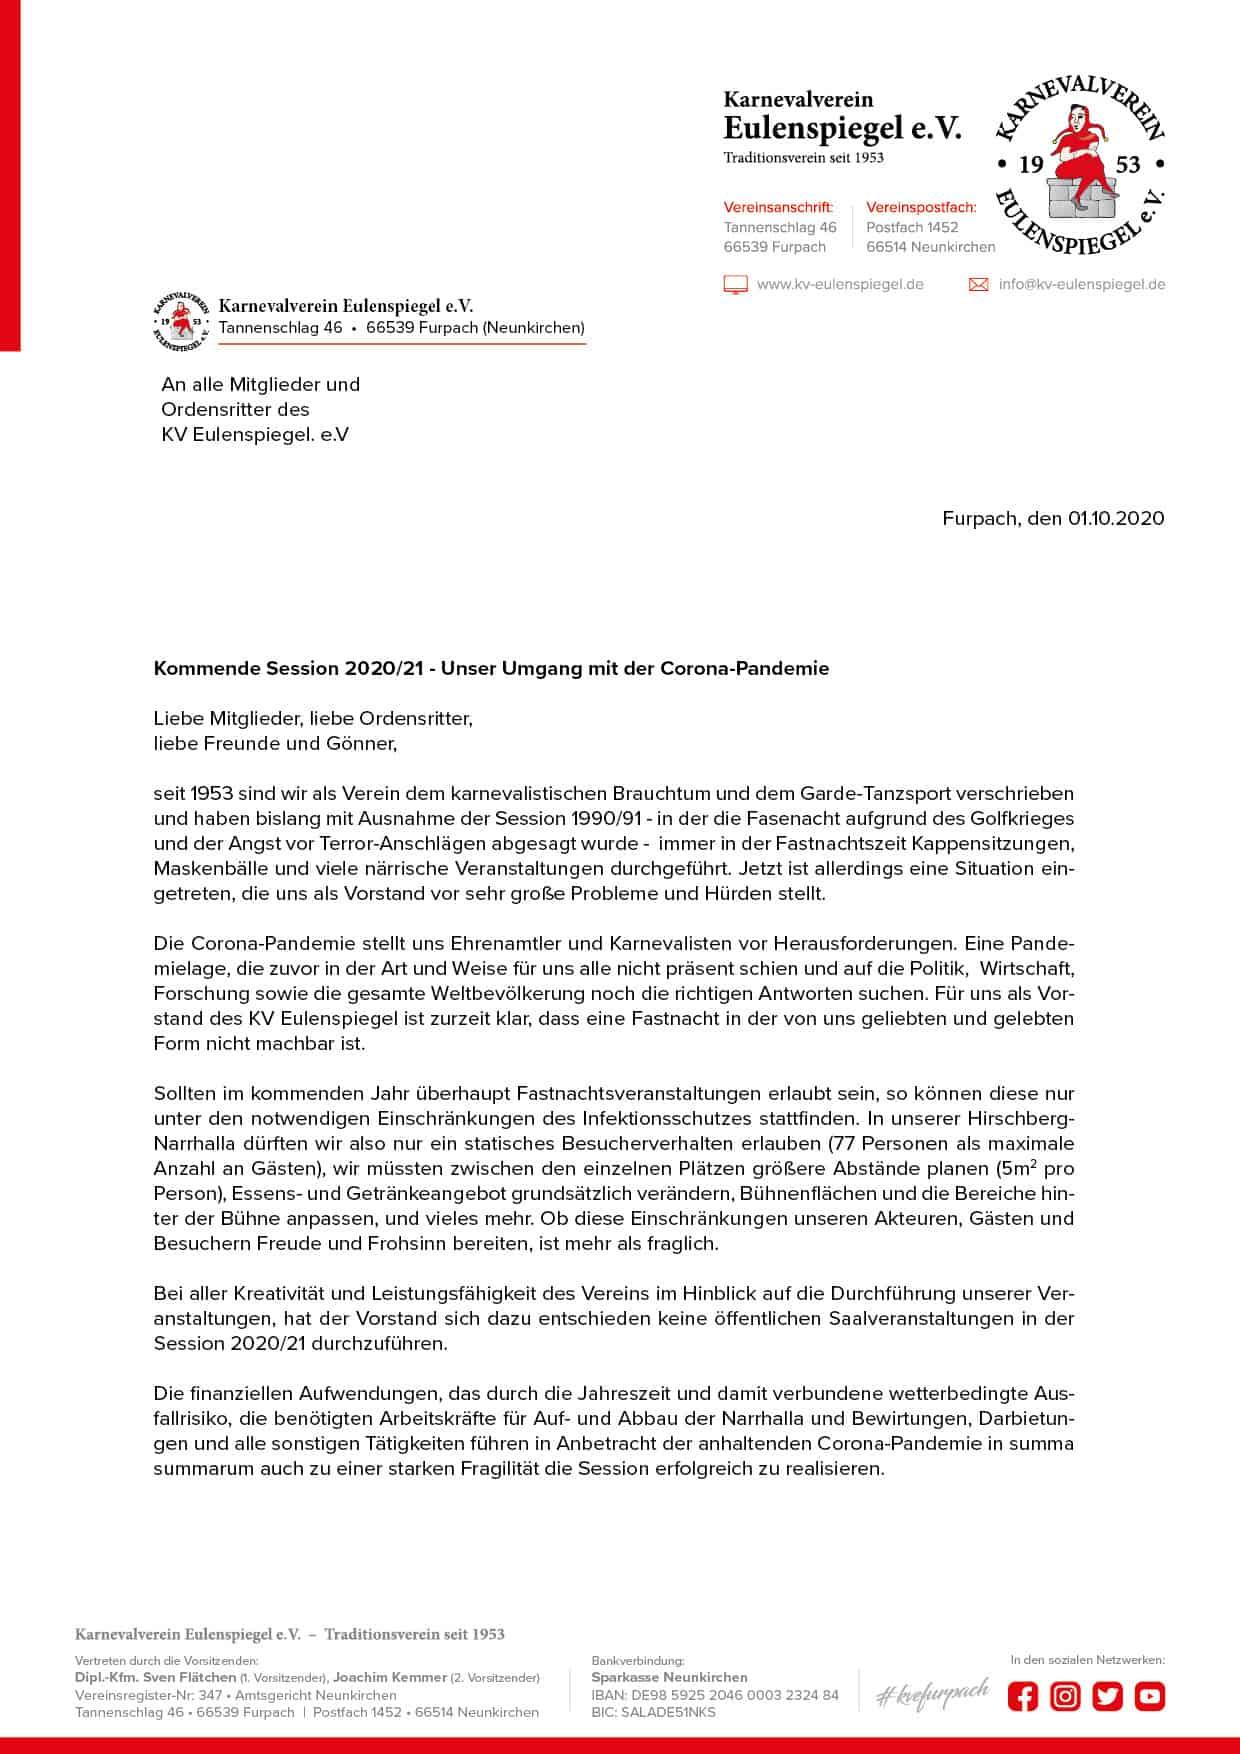 Mitgliederbrief zur Session 2020/21